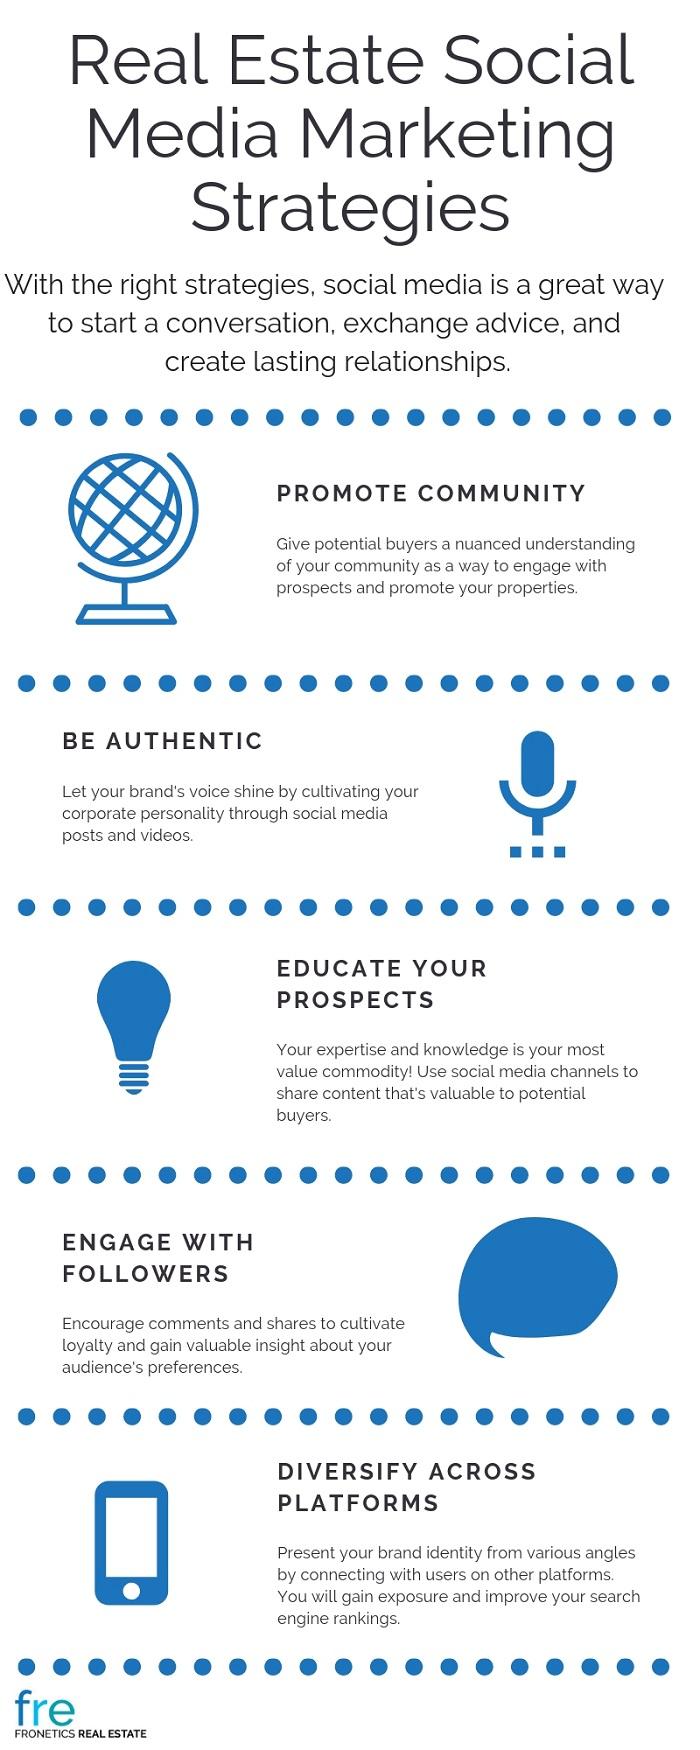 Real Estate Social Media Marketing Strategies